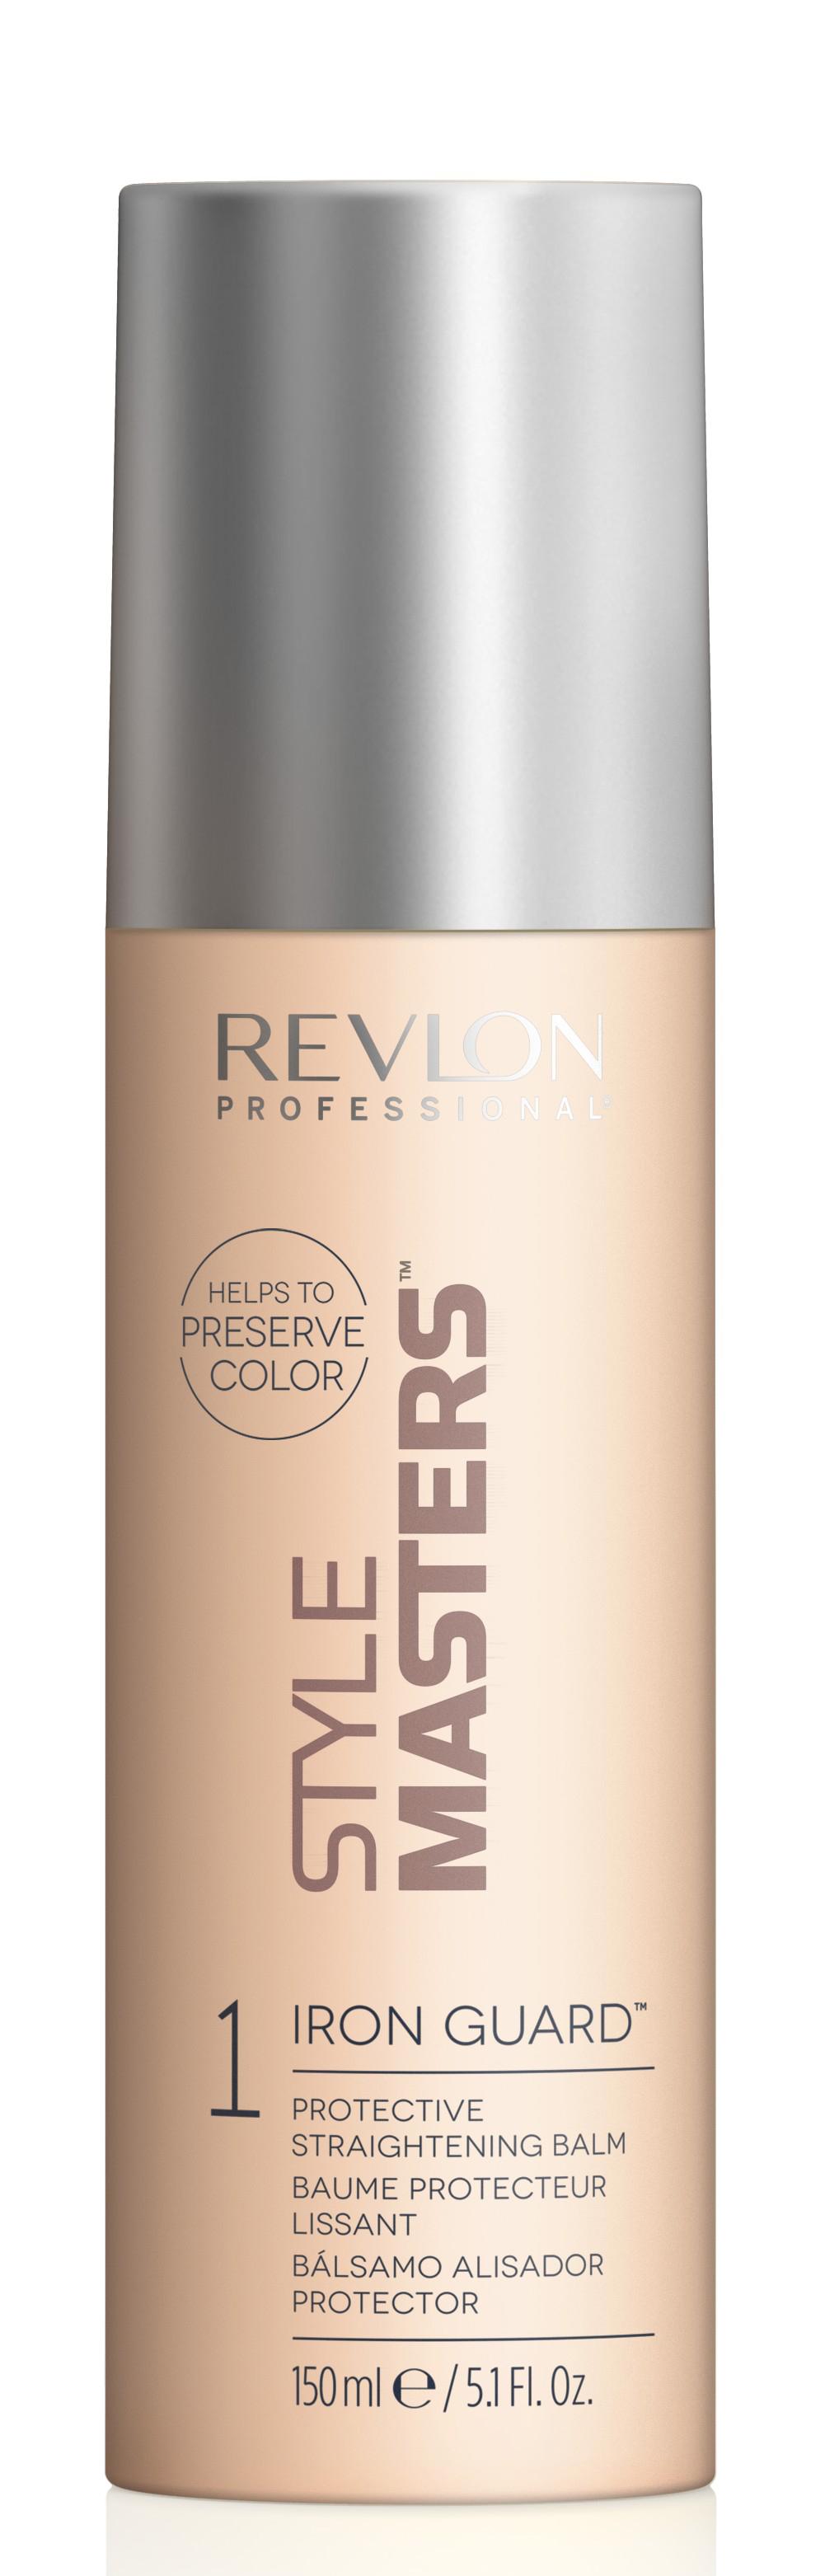 Revlon Style MASTERS Smooth Iron Guard - ochranný balzám na vyrovnanie vlasov, 150 ml